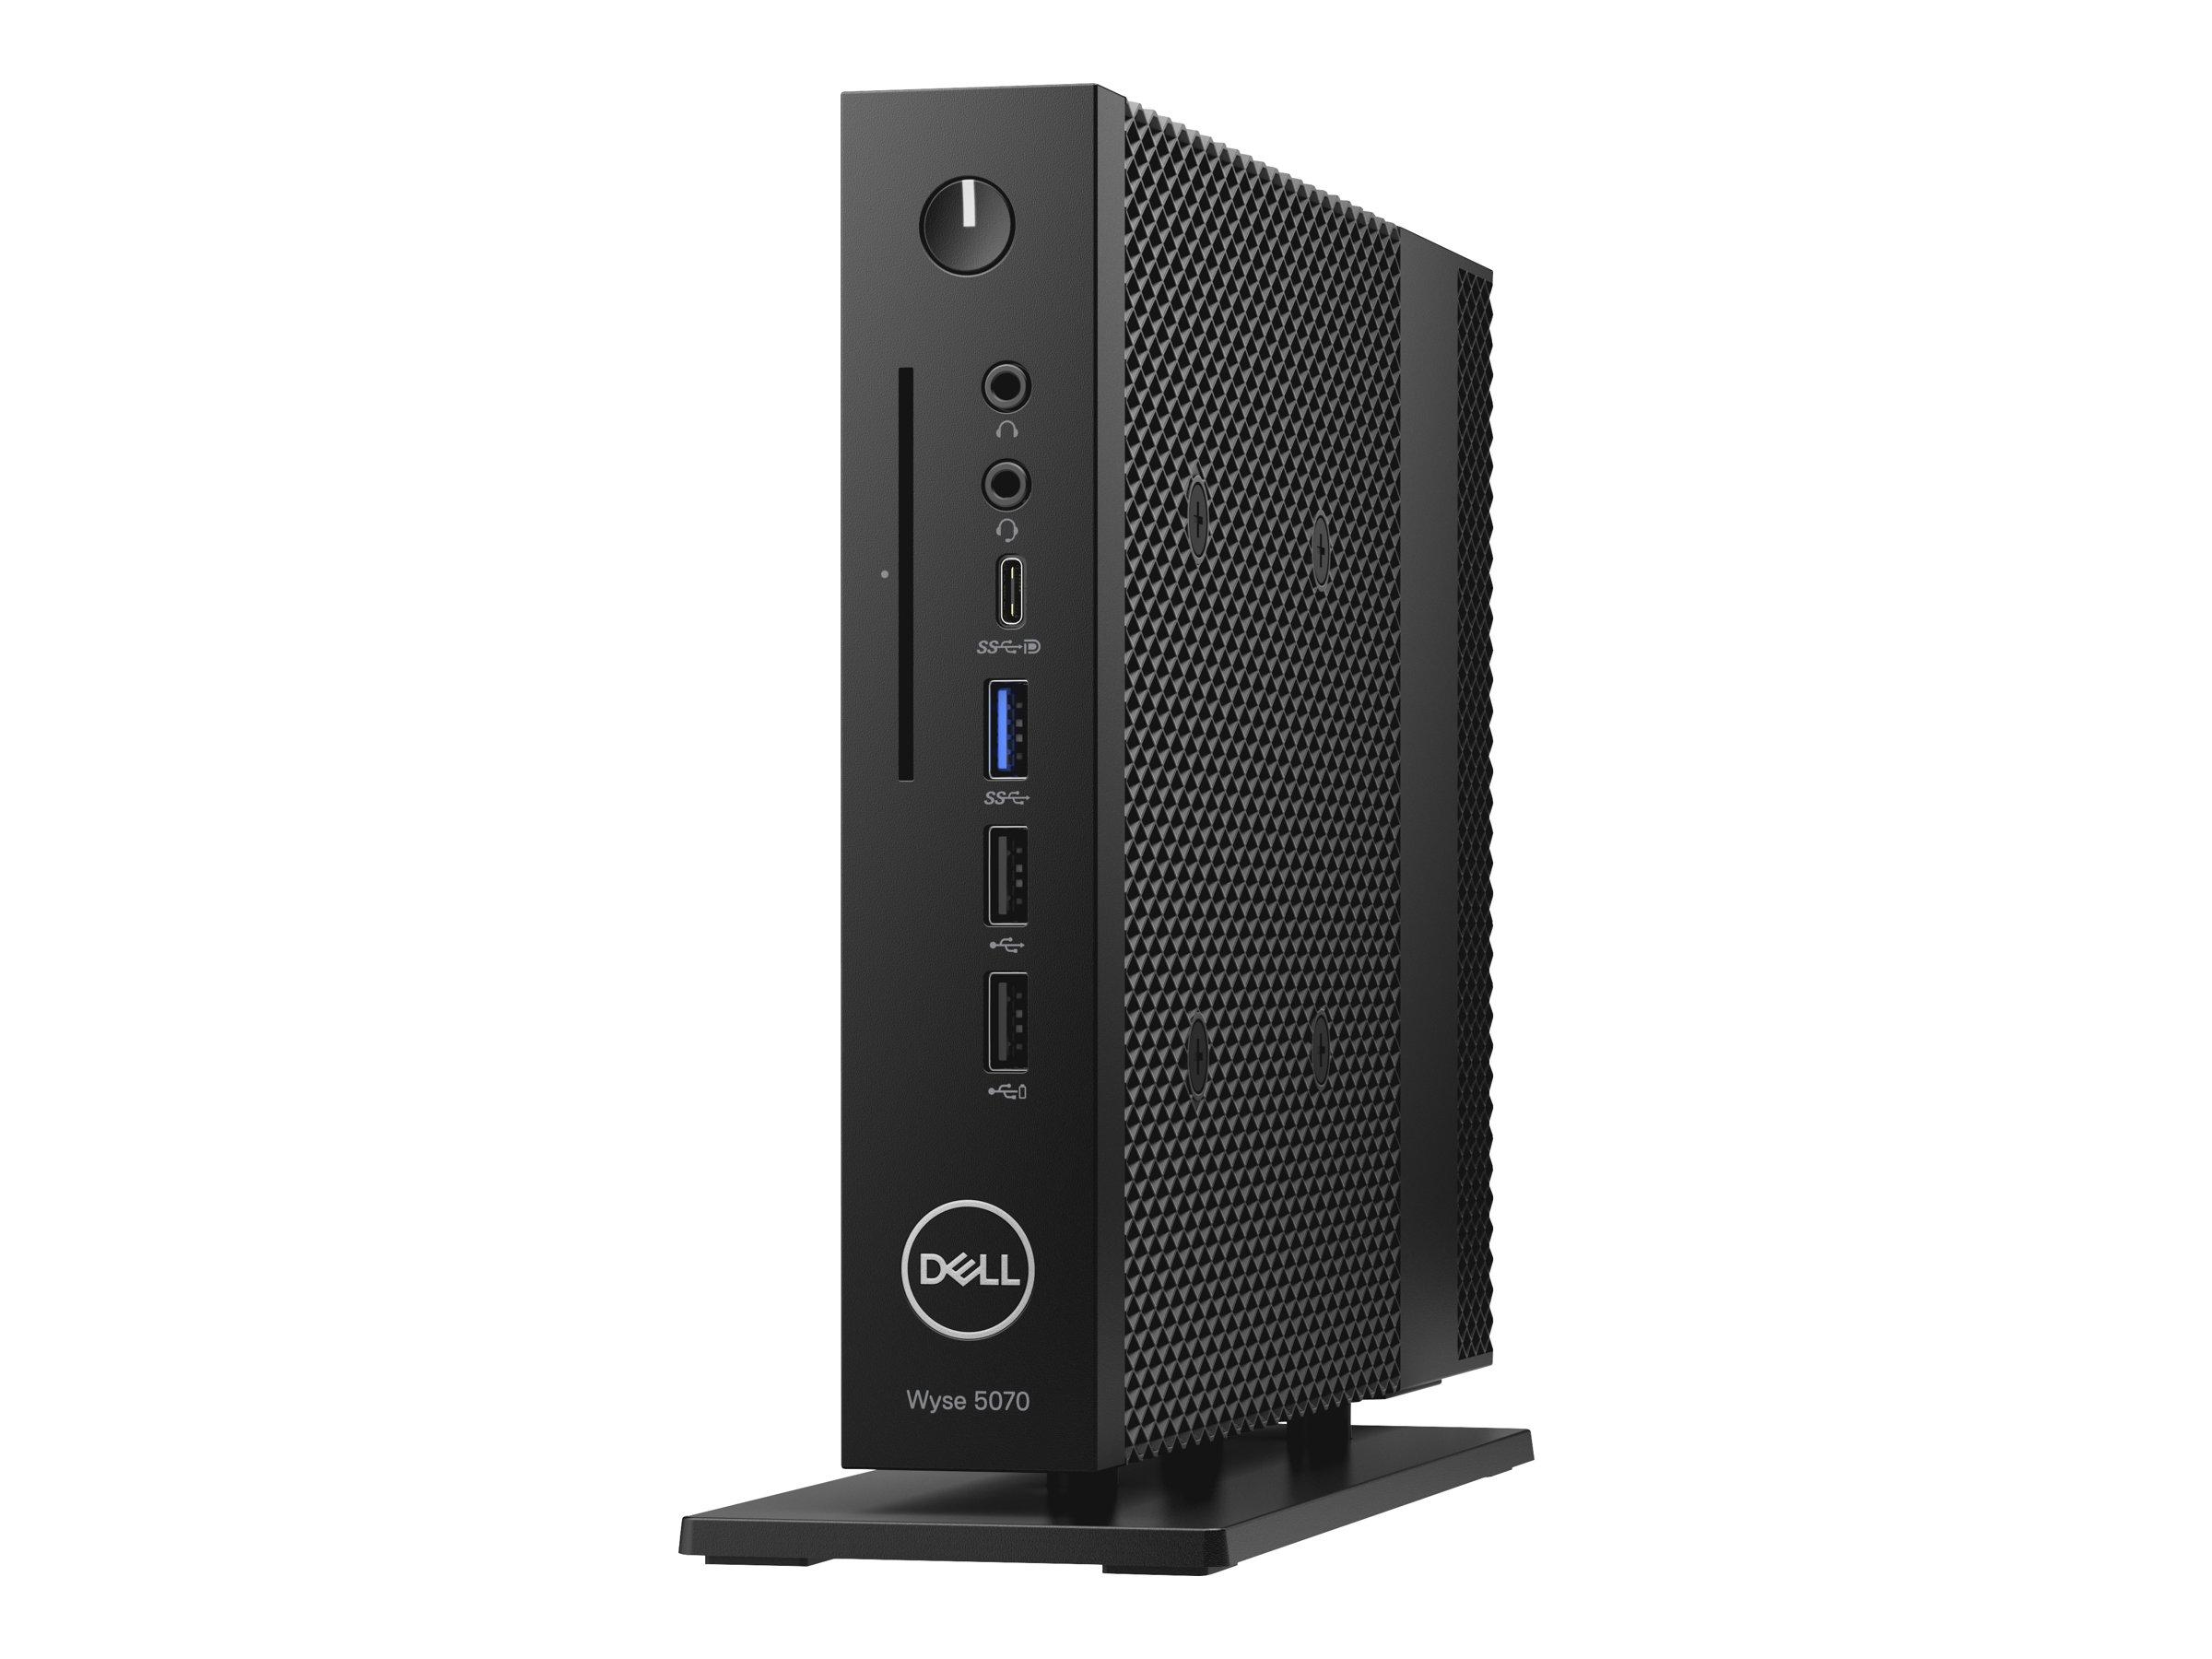 Vorschau: Dell 5070 - Thin Client - DTS - 1 x Celeron J4105 / 1.5 GHz